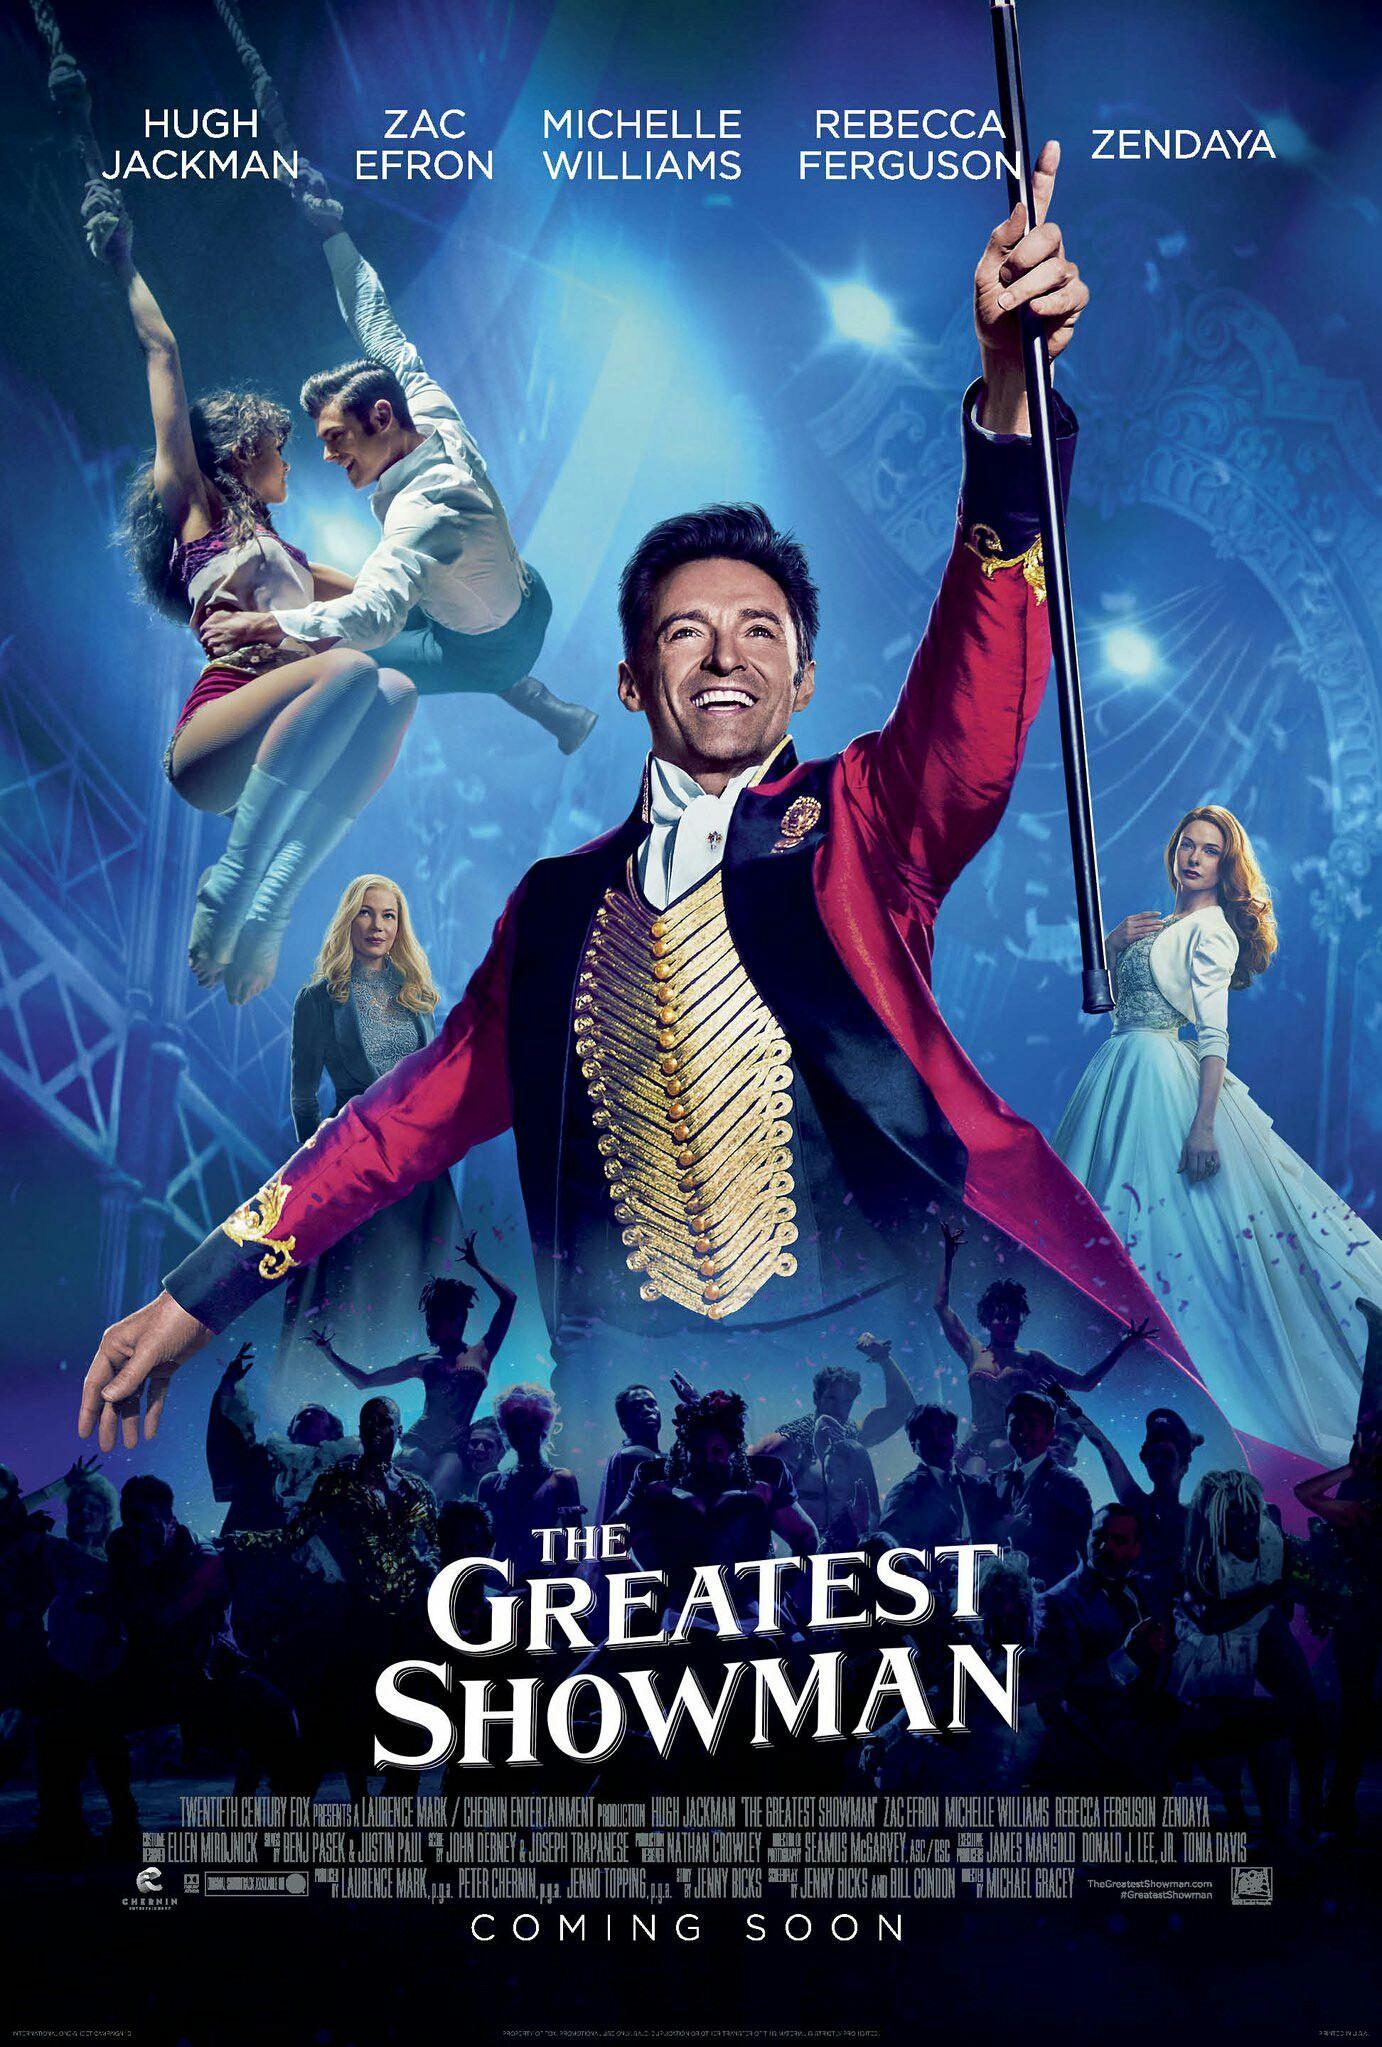 """7. The Greatest Showman / """"Най-великият шоумен"""" – 2017; Режисьор: Майкъл Грейси; Участват: Хю Джакман, Мишел Уилямс, Зак Ефрон"""